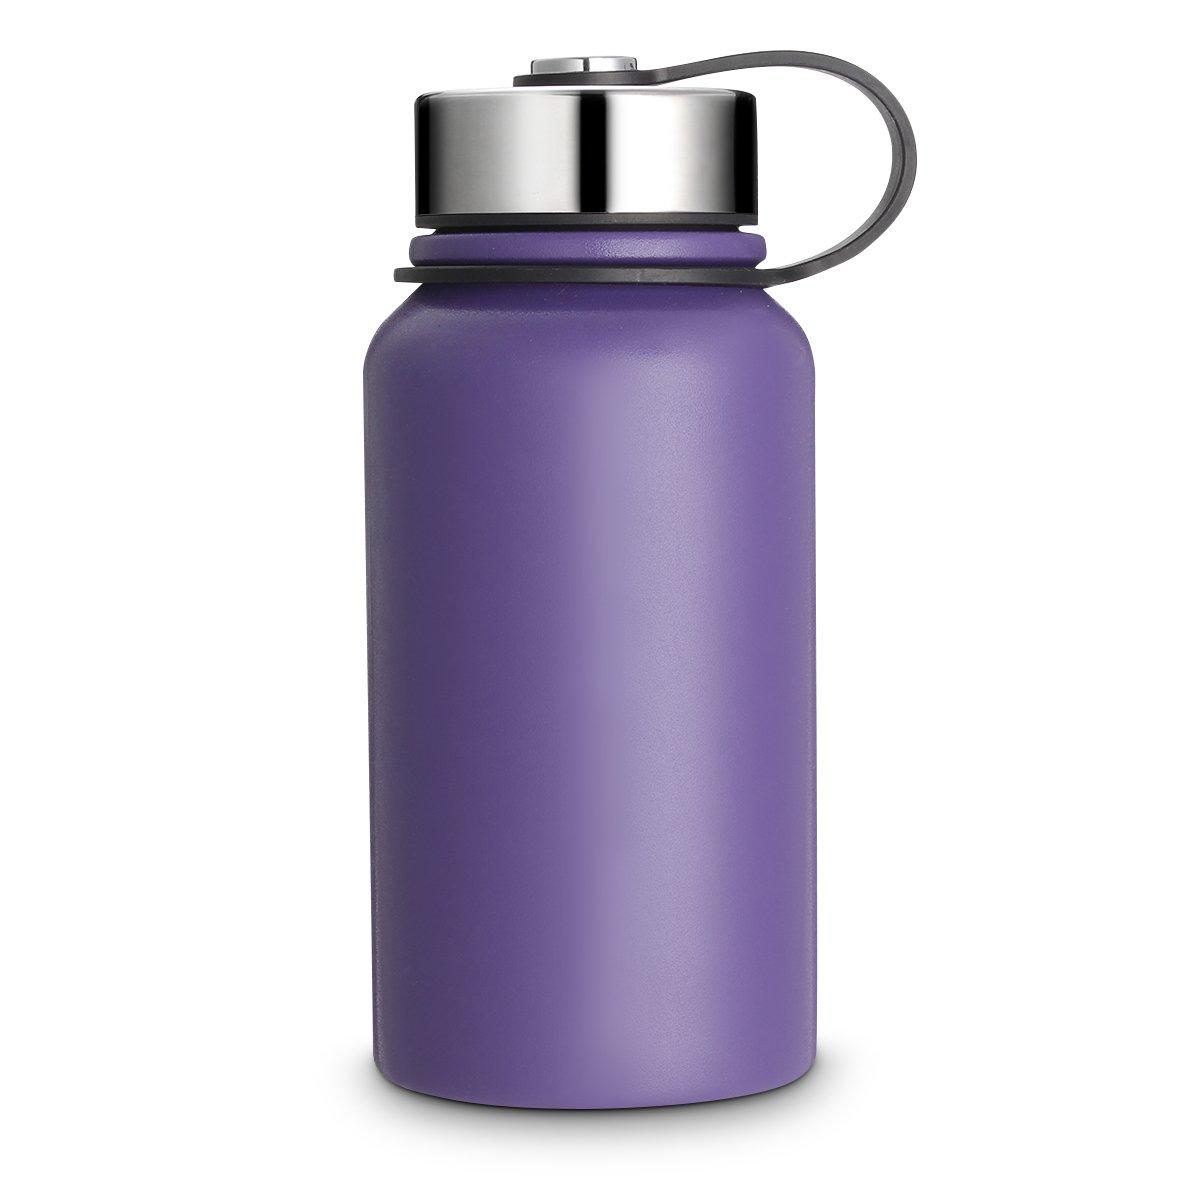 KINGSO 保温水筒 20液量オンス 広口 BPA不使用 トラベルマグ 2層構造 ステンレス鋼 スポーツ真空ボトル 保冷 保温 熱い飲み物 冷たい飲み物に B076CRB7F4 パープル 30 oz